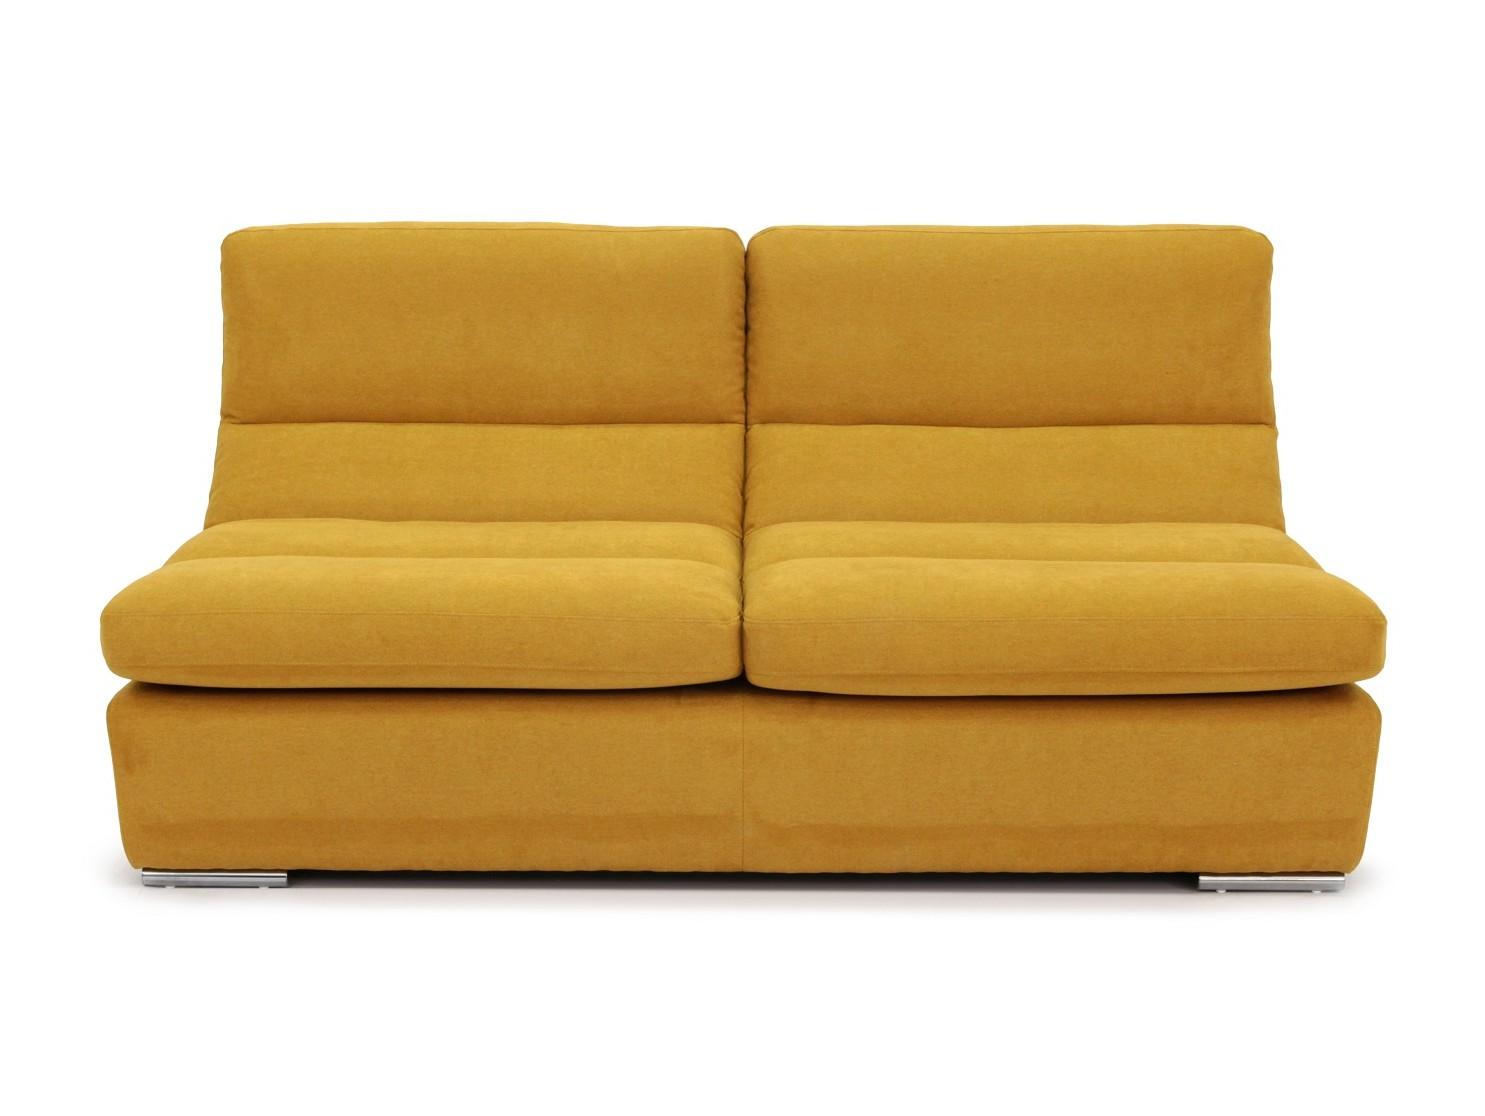 Диван ПалермоПрямые раскладные диваны<br>Модульный диван Палермо - это лучшее решение для тех, кто привык к максимальному комфорт и не готов идти на компромисс с другими вариантами. Уникальный состав наполнителя его сидений заставит Вас по новому пересмотреть значение слова удобный, а кажущаяся простота форм и варианты модулей помогут создать то жизненное пространство, которое подходит именно Вам!&amp;nbsp;Большой выбор обивочных тканей (подробности уточняйте у менеджера).<br><br>kit: None<br>gender: None